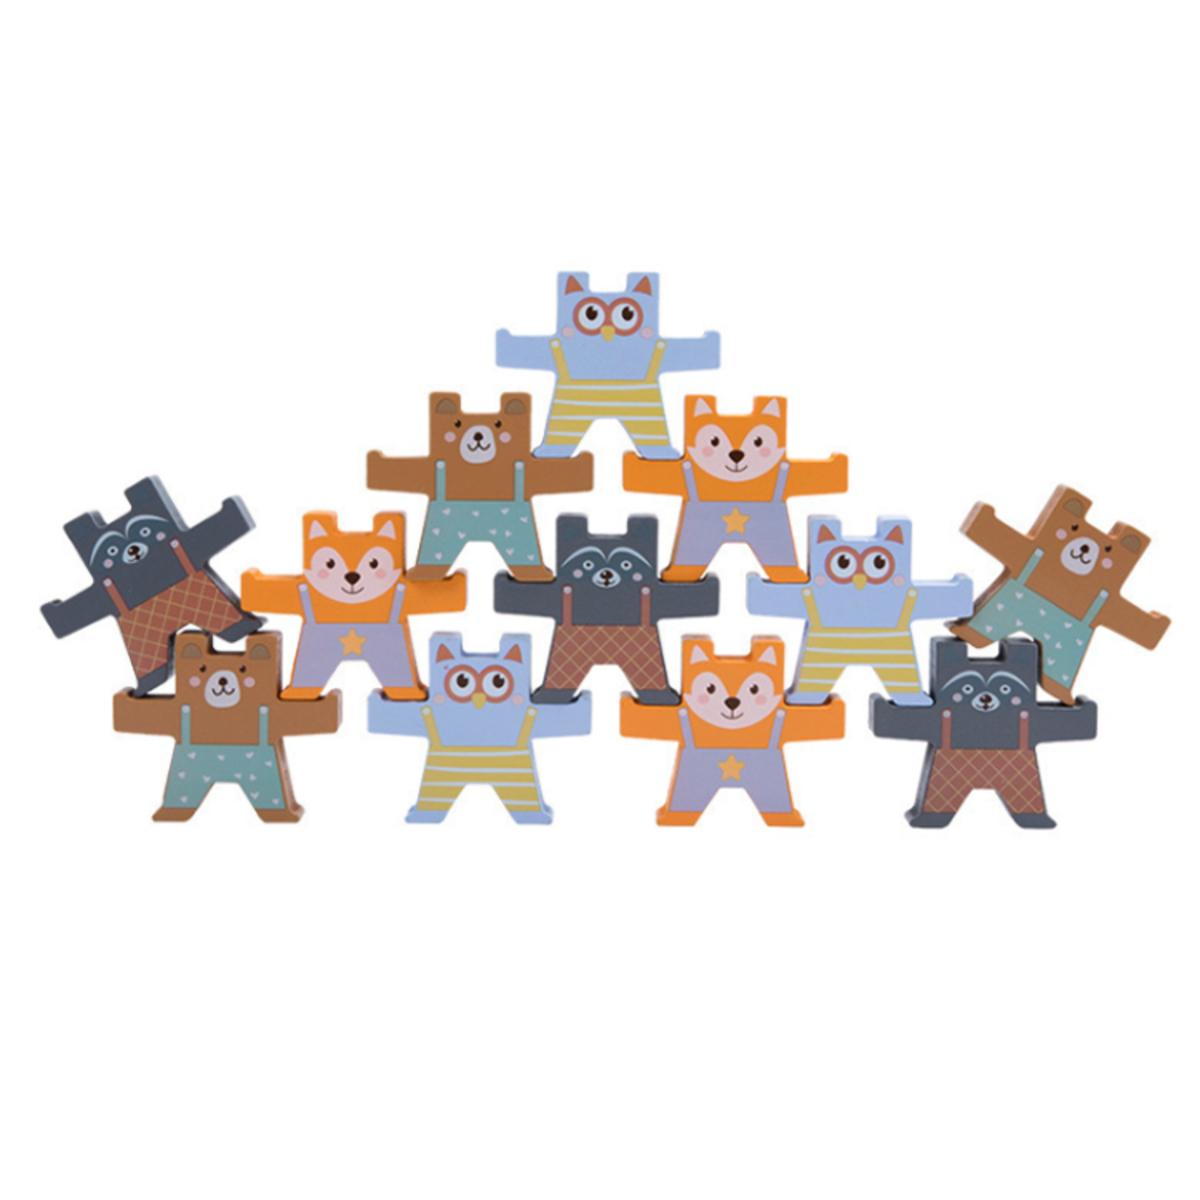 Drevená balančná hra - zvieratká Wooden balancing rocks toy